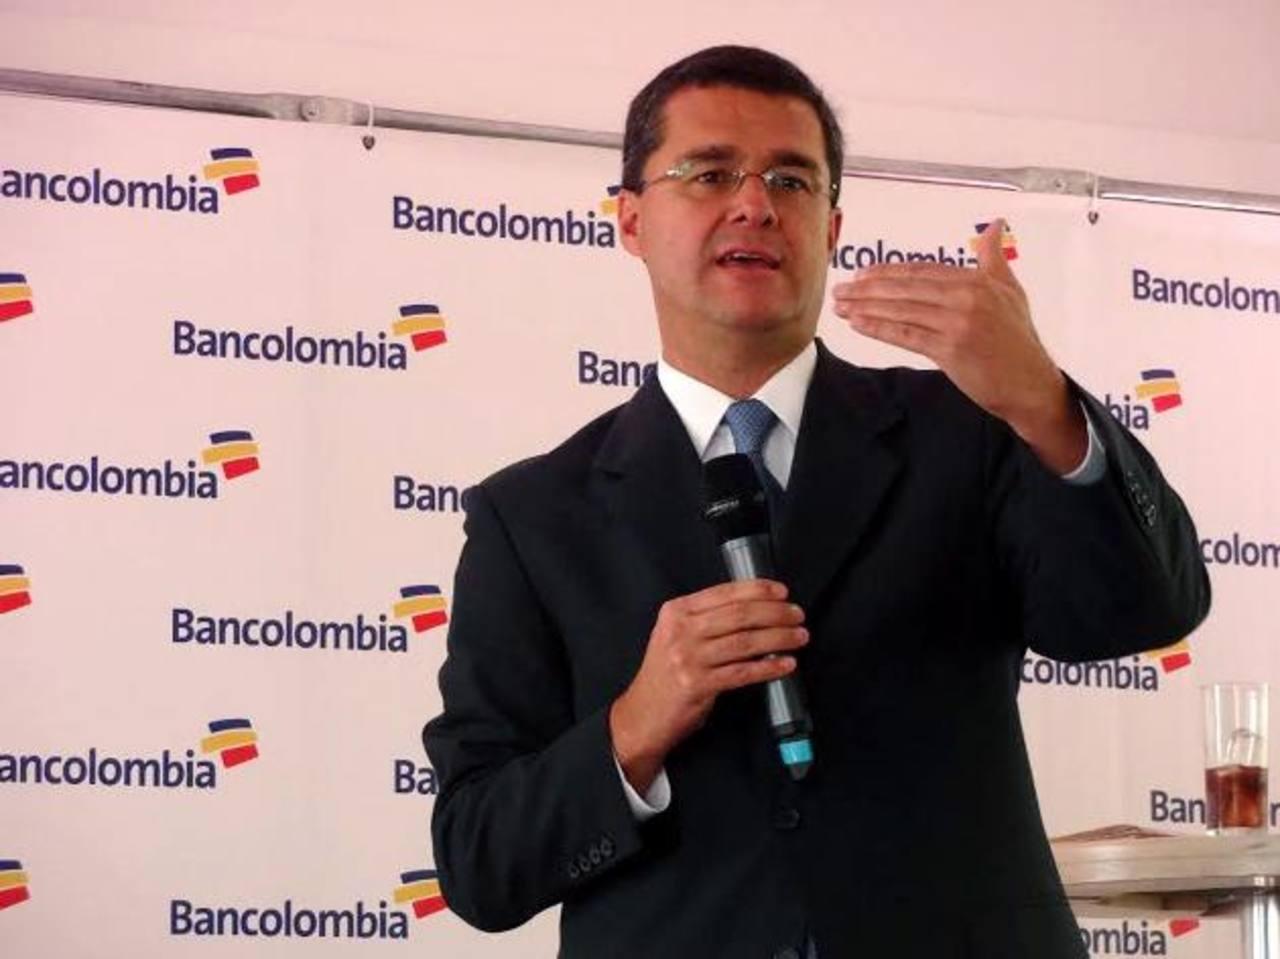 """Yepes lidera una nueva ola de ejecutivos colombianos bajo la filosofía de un valor agregado """"más humano"""" en la banca y las finanzas. FOTO EXPANSIÓN / JUAN JOSÉ MORALES"""